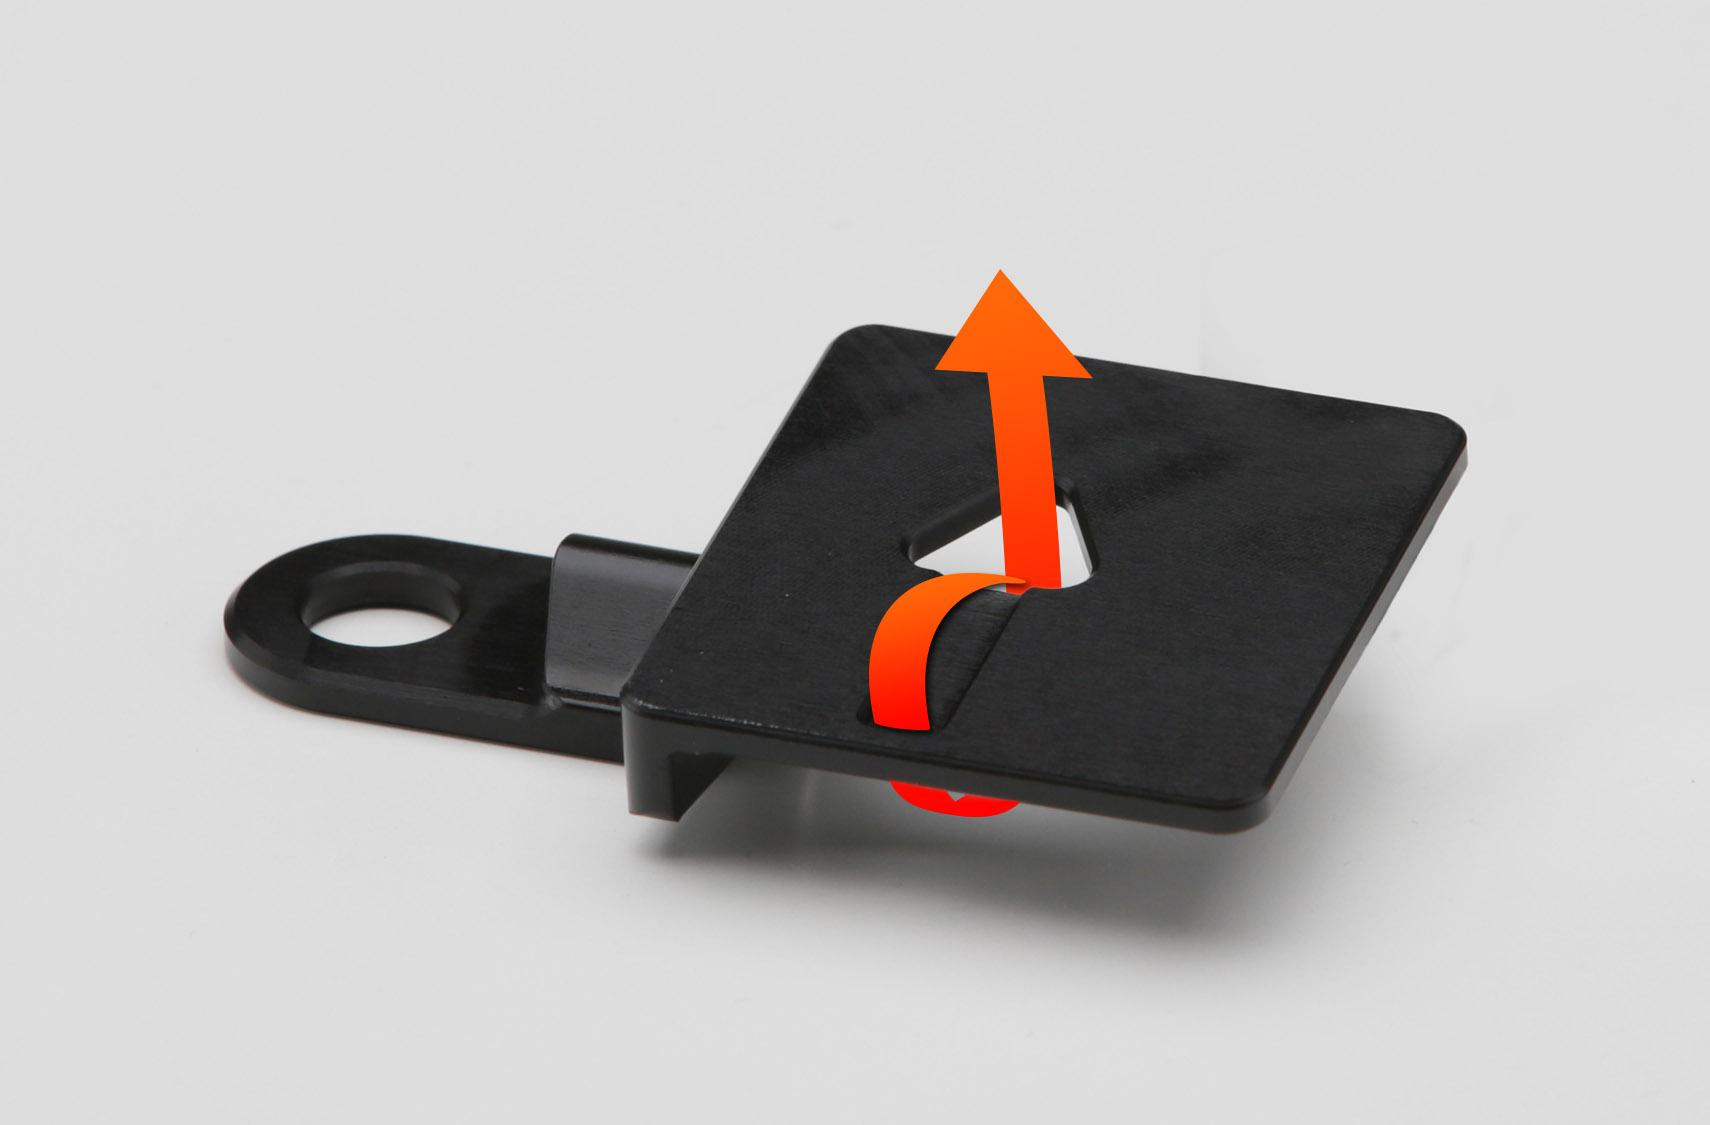 図のようにタイラップでUSBを固定。アンテナも両面テープで固定できます。